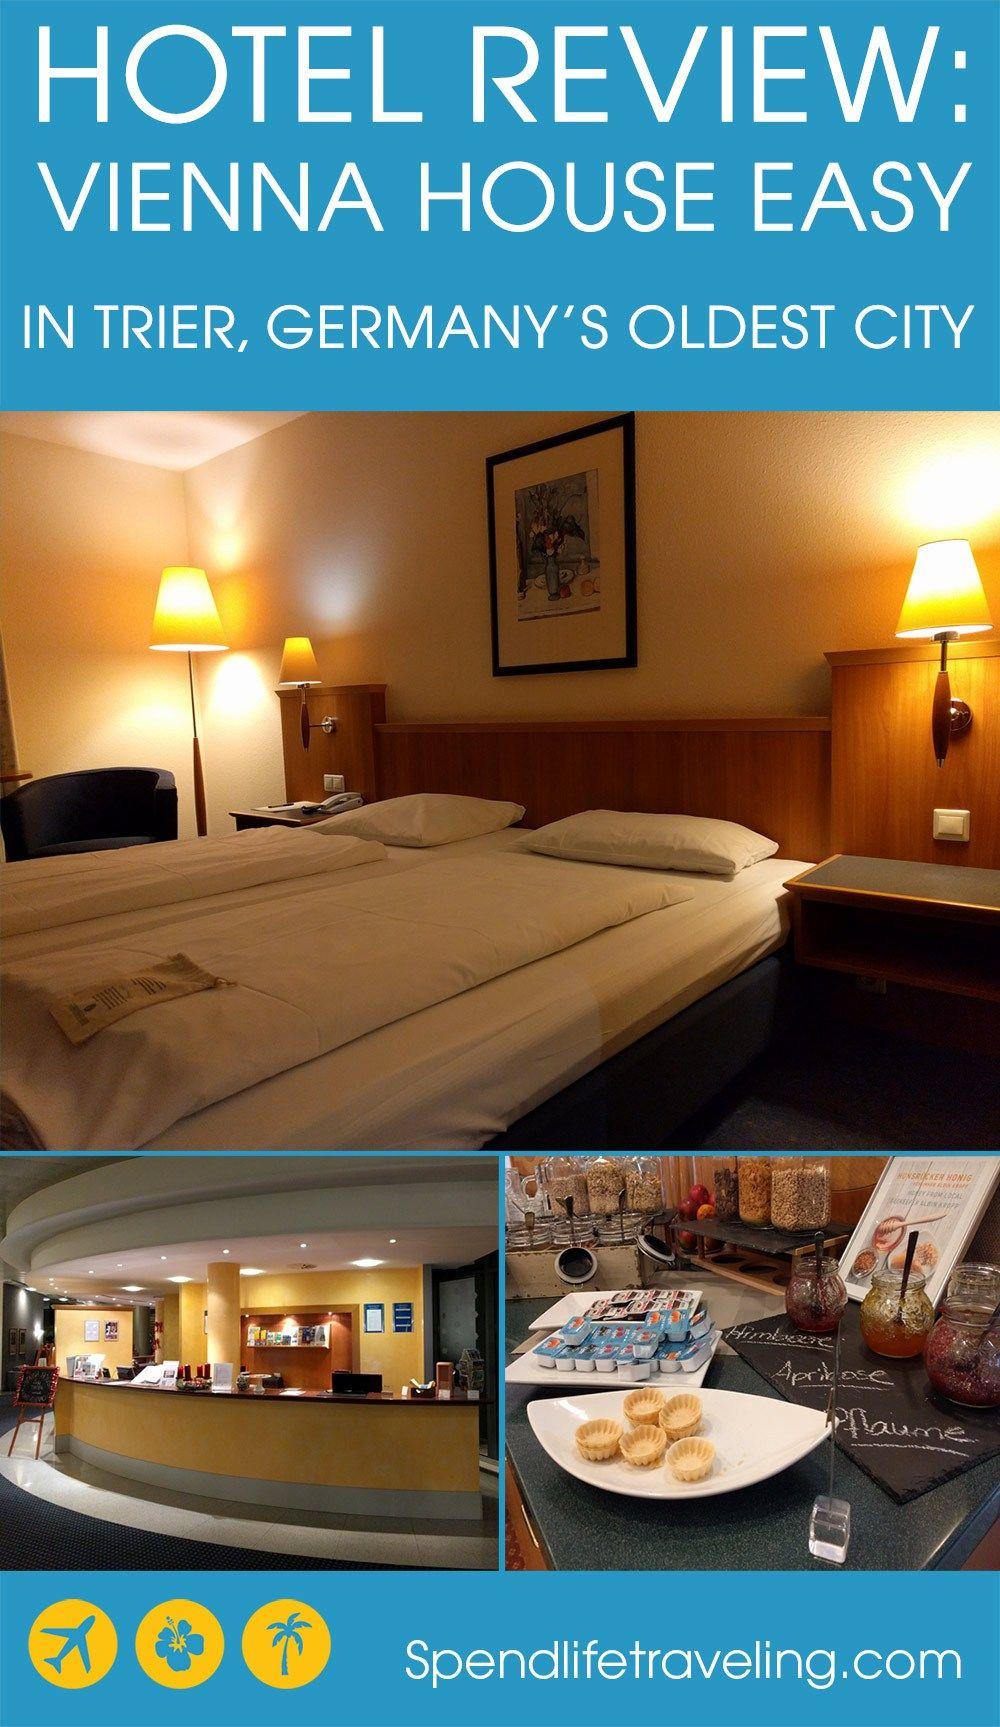 Badezimmer Zubehör Wien | Hotel Review Vienna House Easy In Trier Germany Wien Hotels